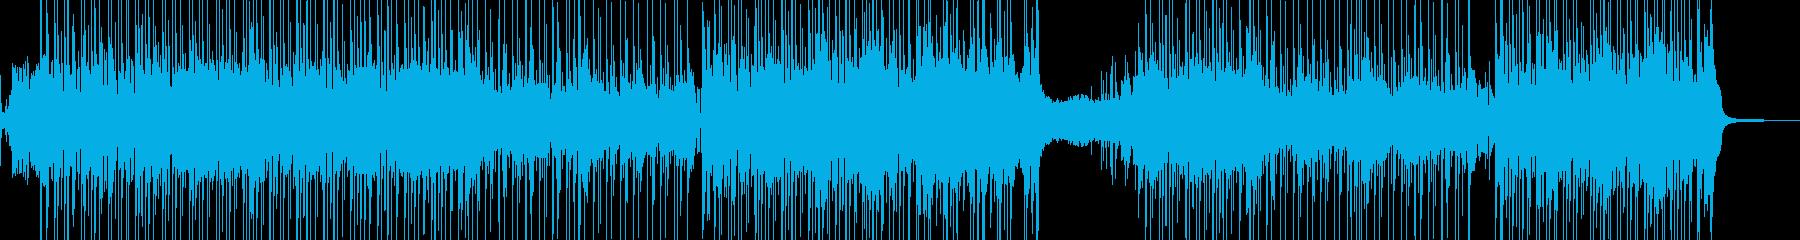 琴・レトロな演歌調ポップ 長尺★の再生済みの波形